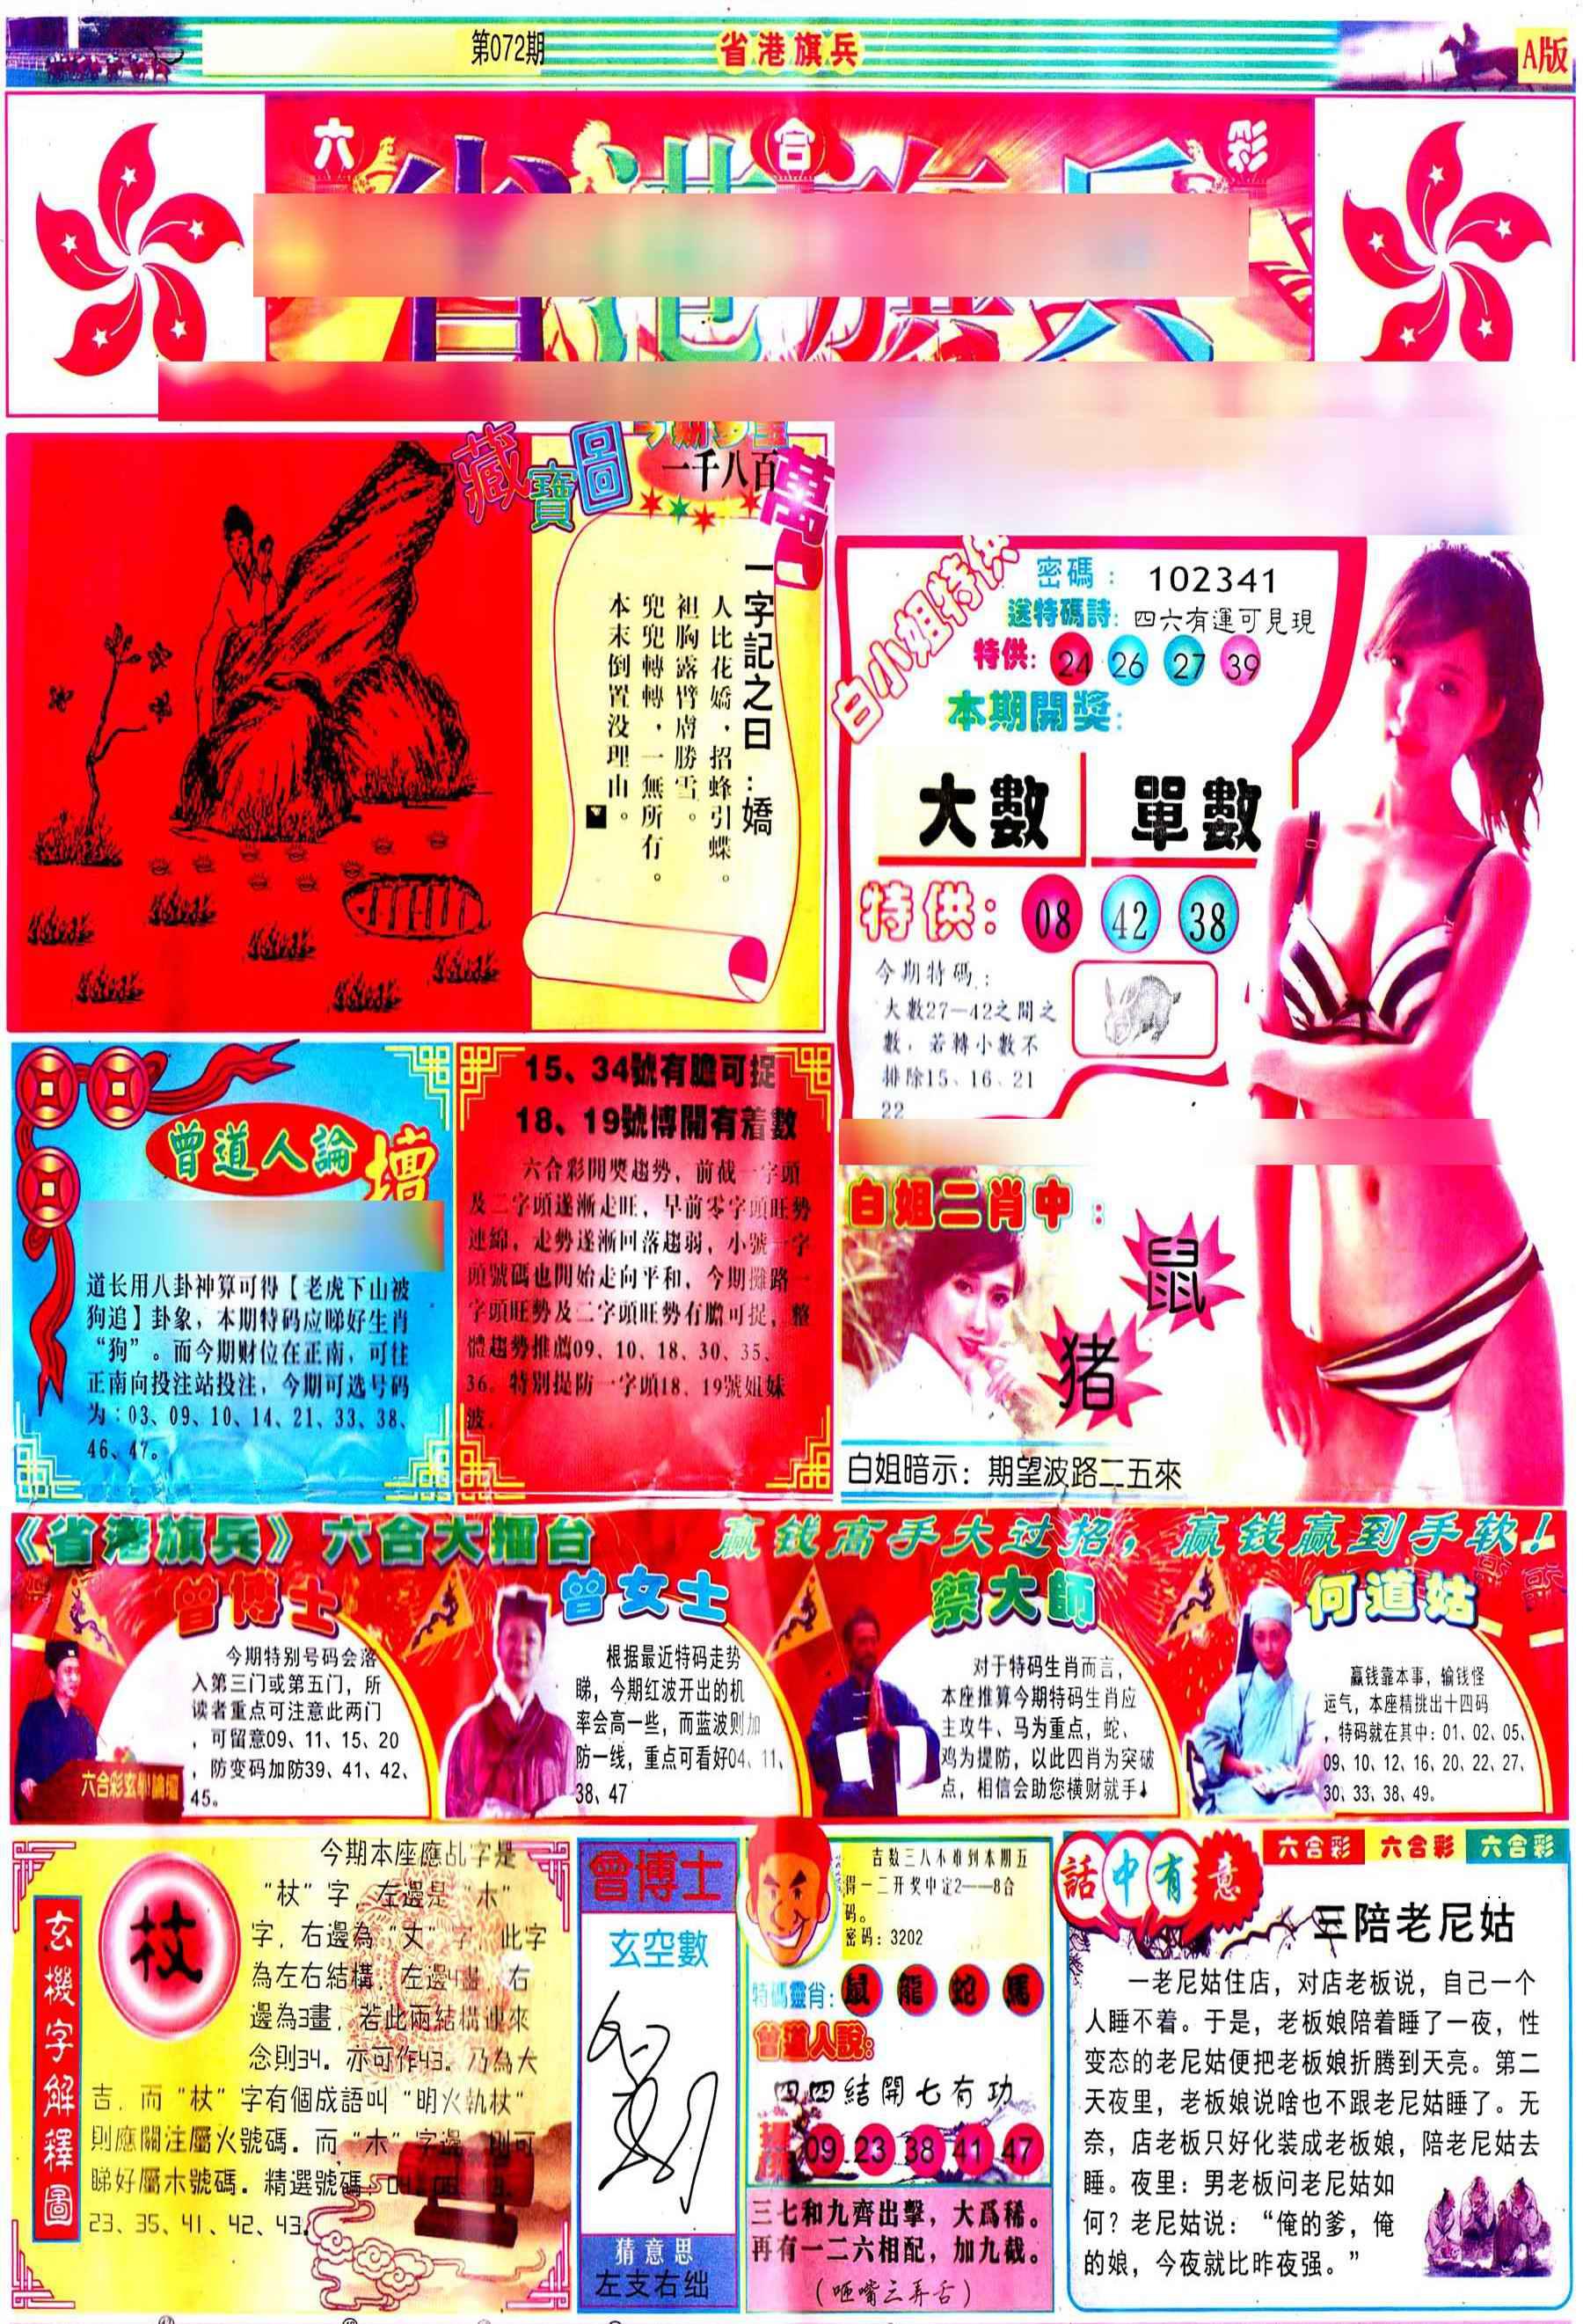 072期彩道A(保证香港版)